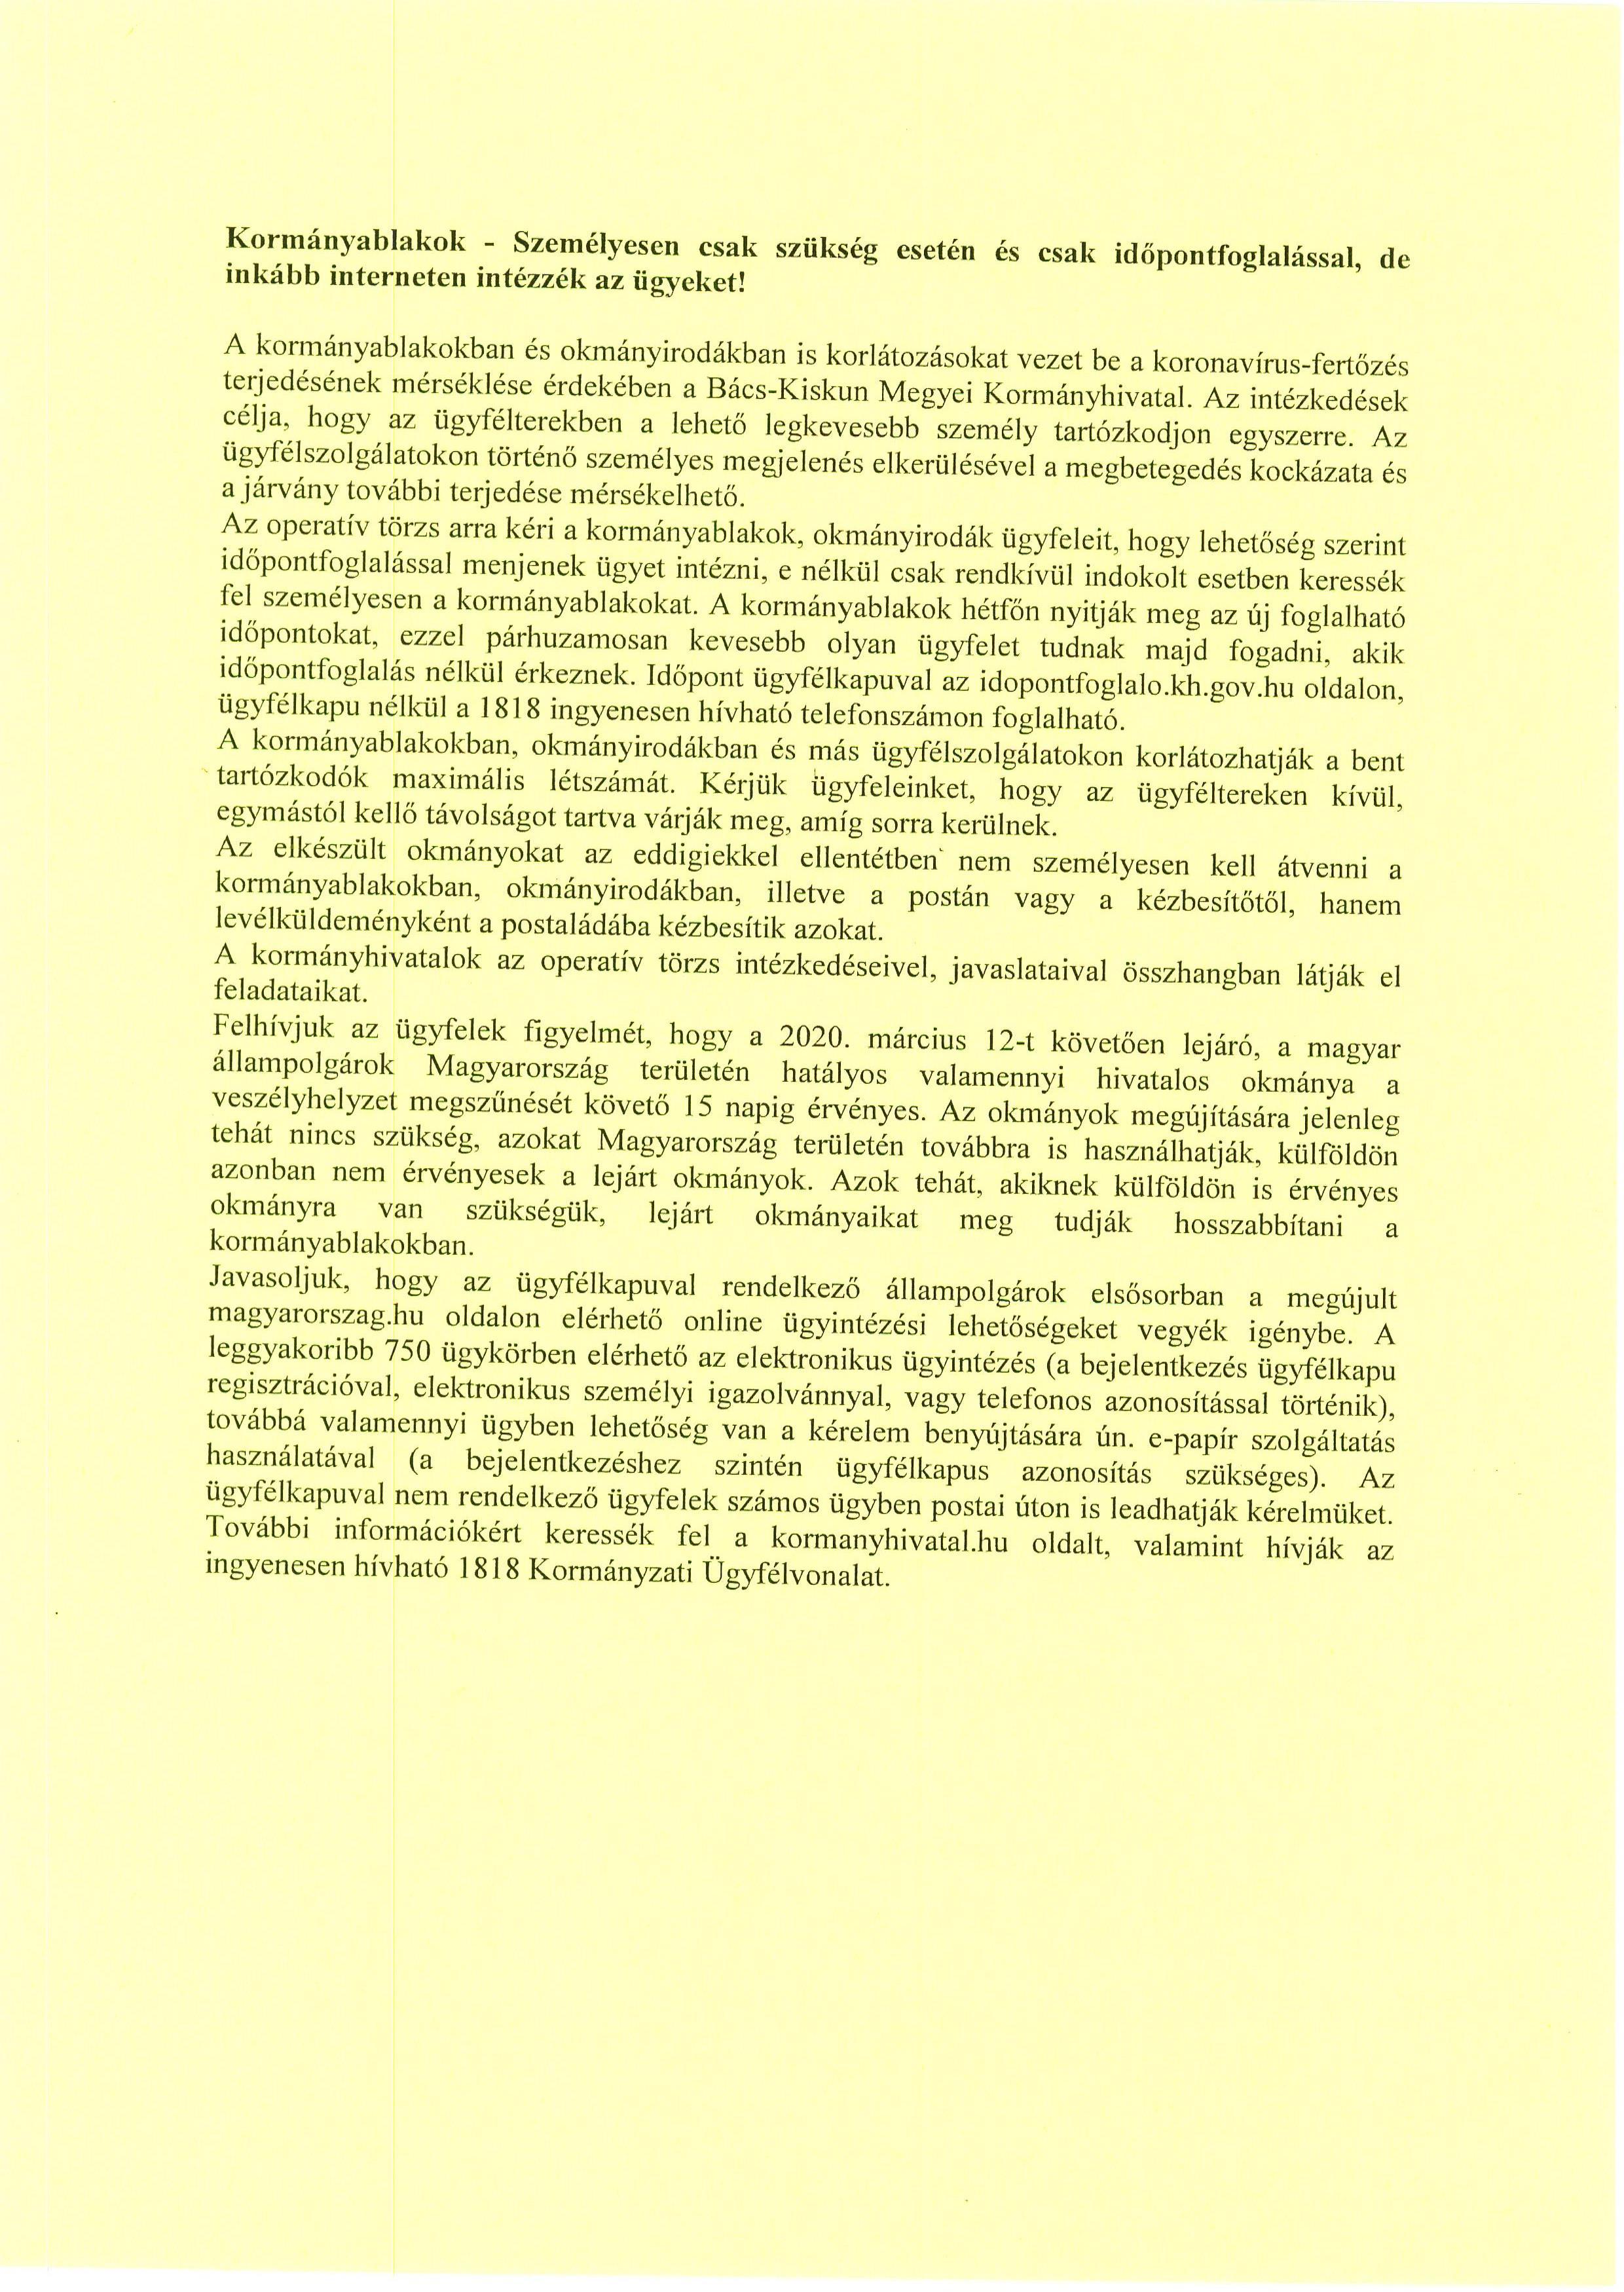 KORMÁNYHIVATAL TÁJÉKOZTATÁS.2